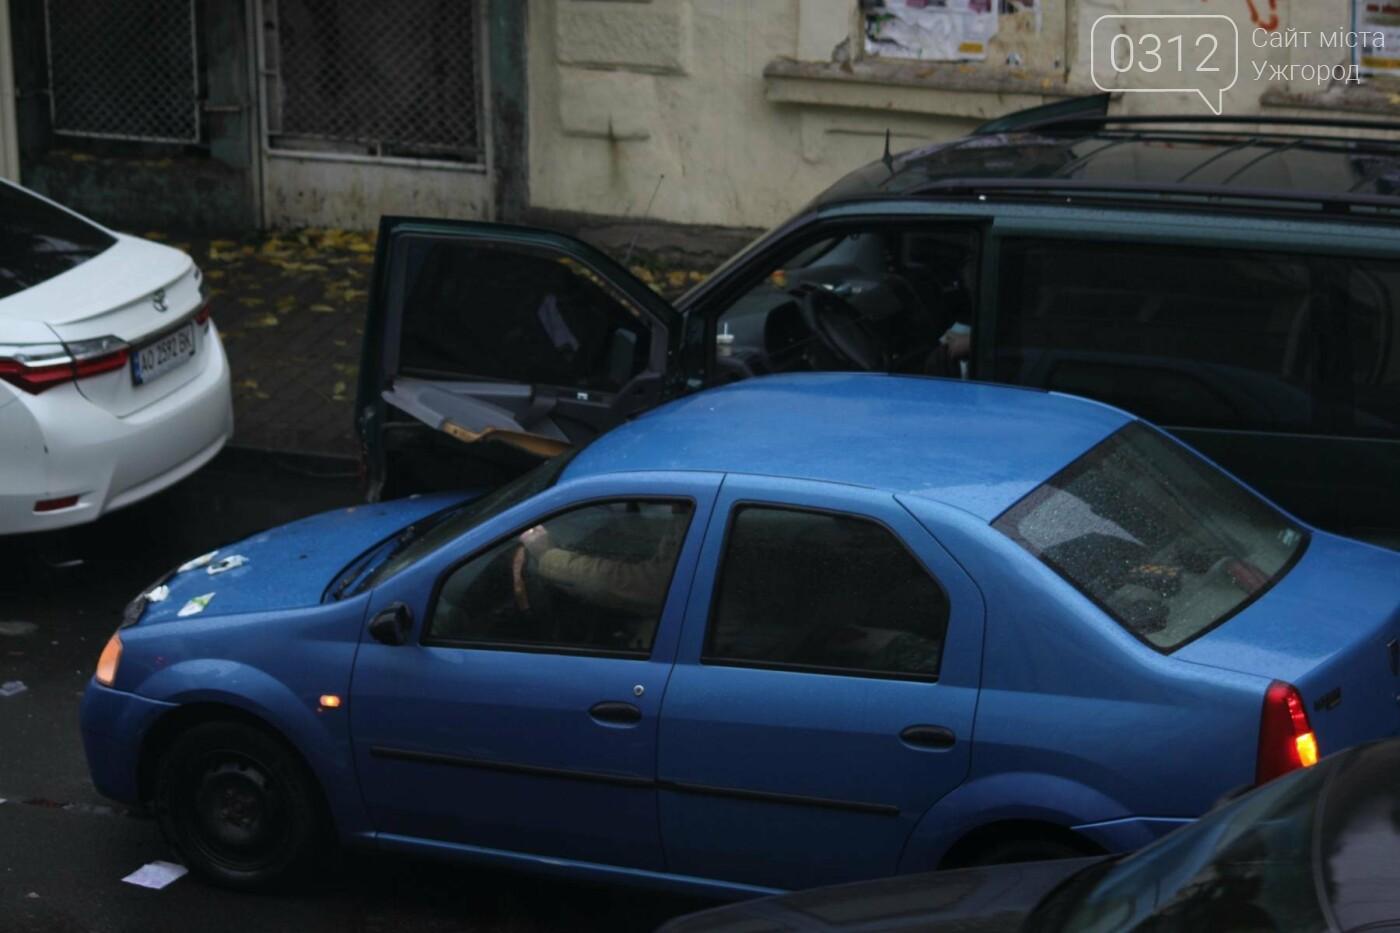 """Аварія в Ужгороді на Швабській: """"Дачія"""" врізалась у припаркований мікроавтобус """"Мерседес"""" (ФОТО), фото-3"""